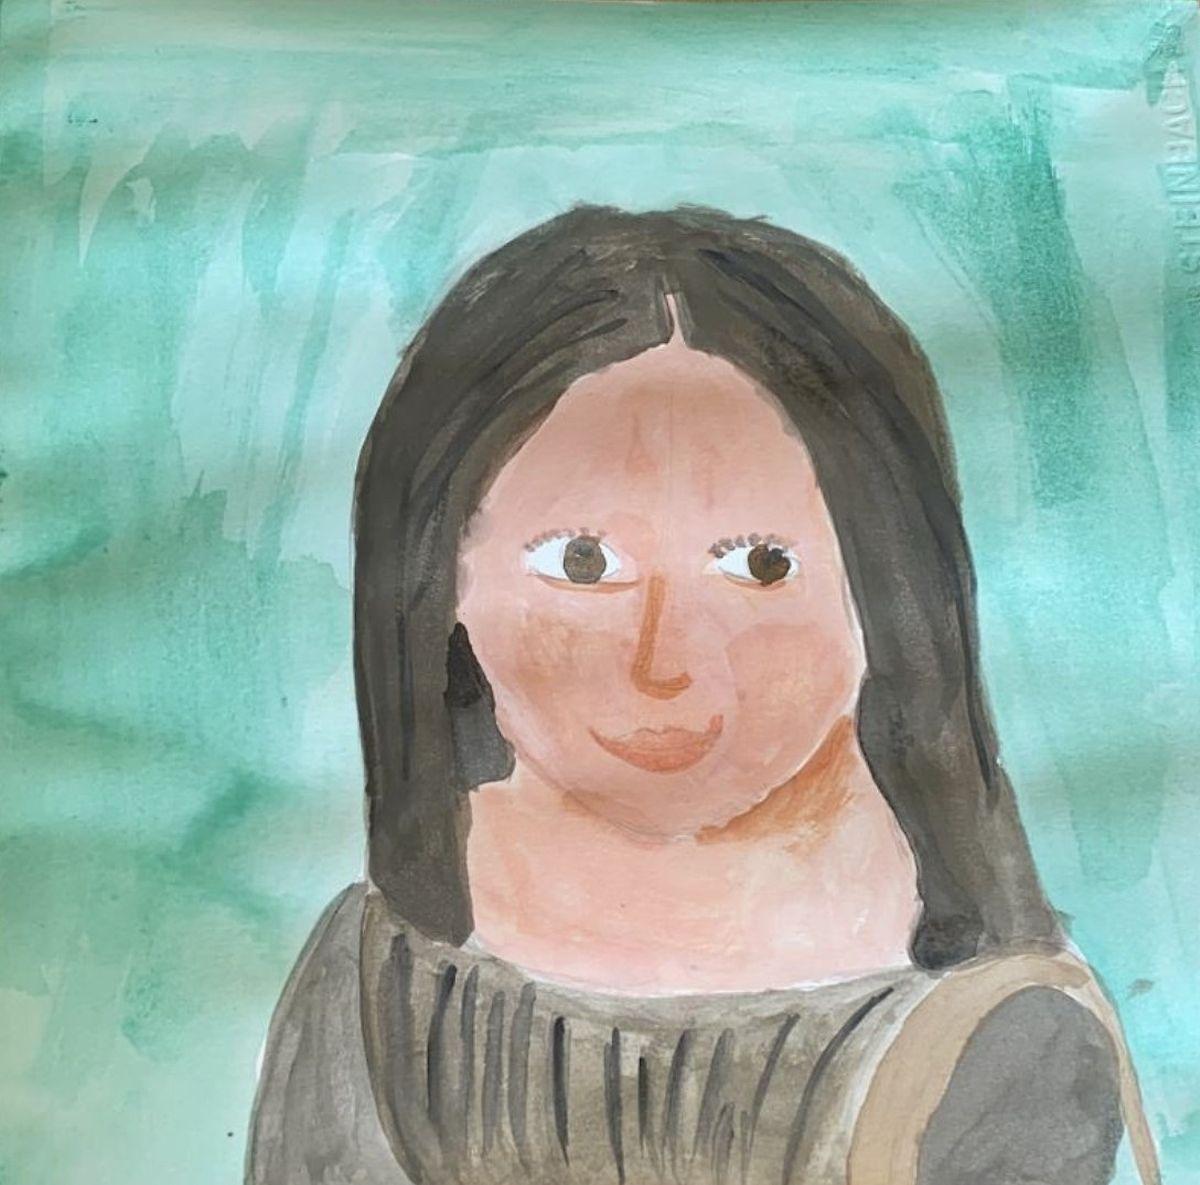 """Für ihre Mona Lisa hat die 11--jährige Julie Wasserfarben benutzt: """"Den Verlauf von Wasserfarben kann man nicht immer ganz kontrollieren, und das lässt oft Details entstehen, die einen selber überraschen"""""""